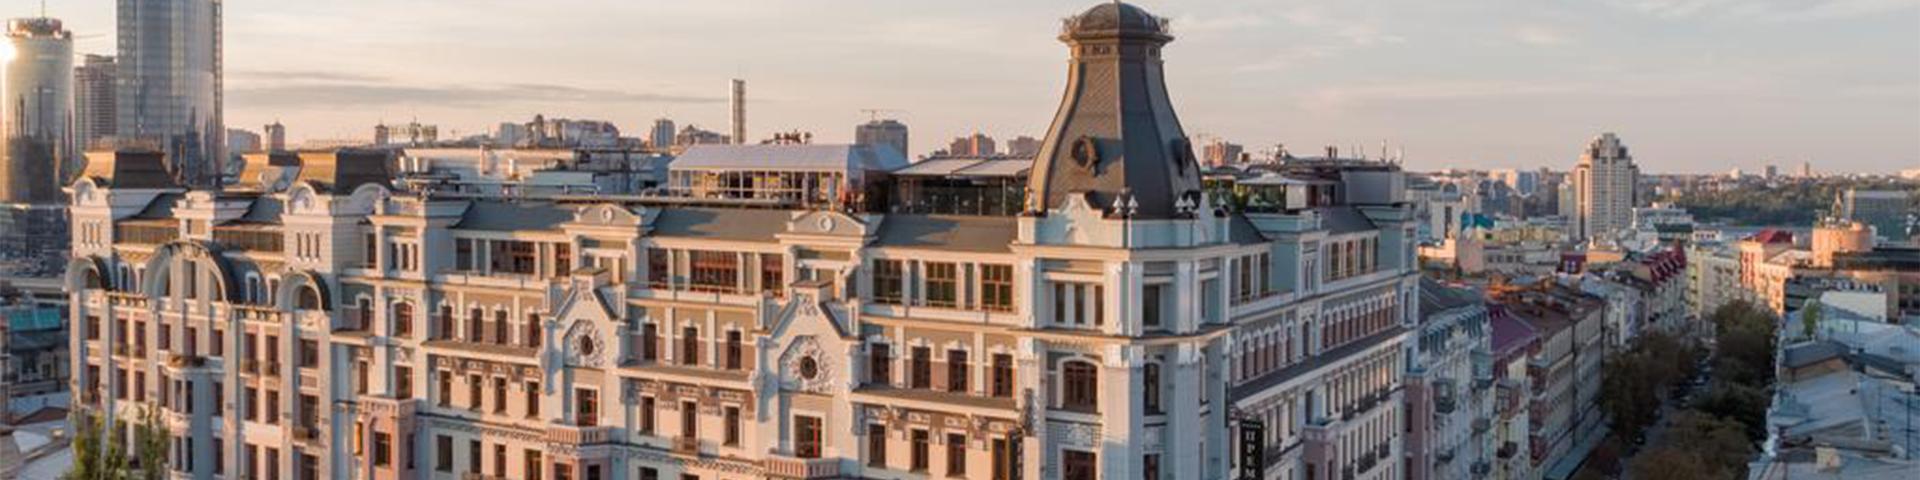 نمای هتل پریمیر پالاس کی یف